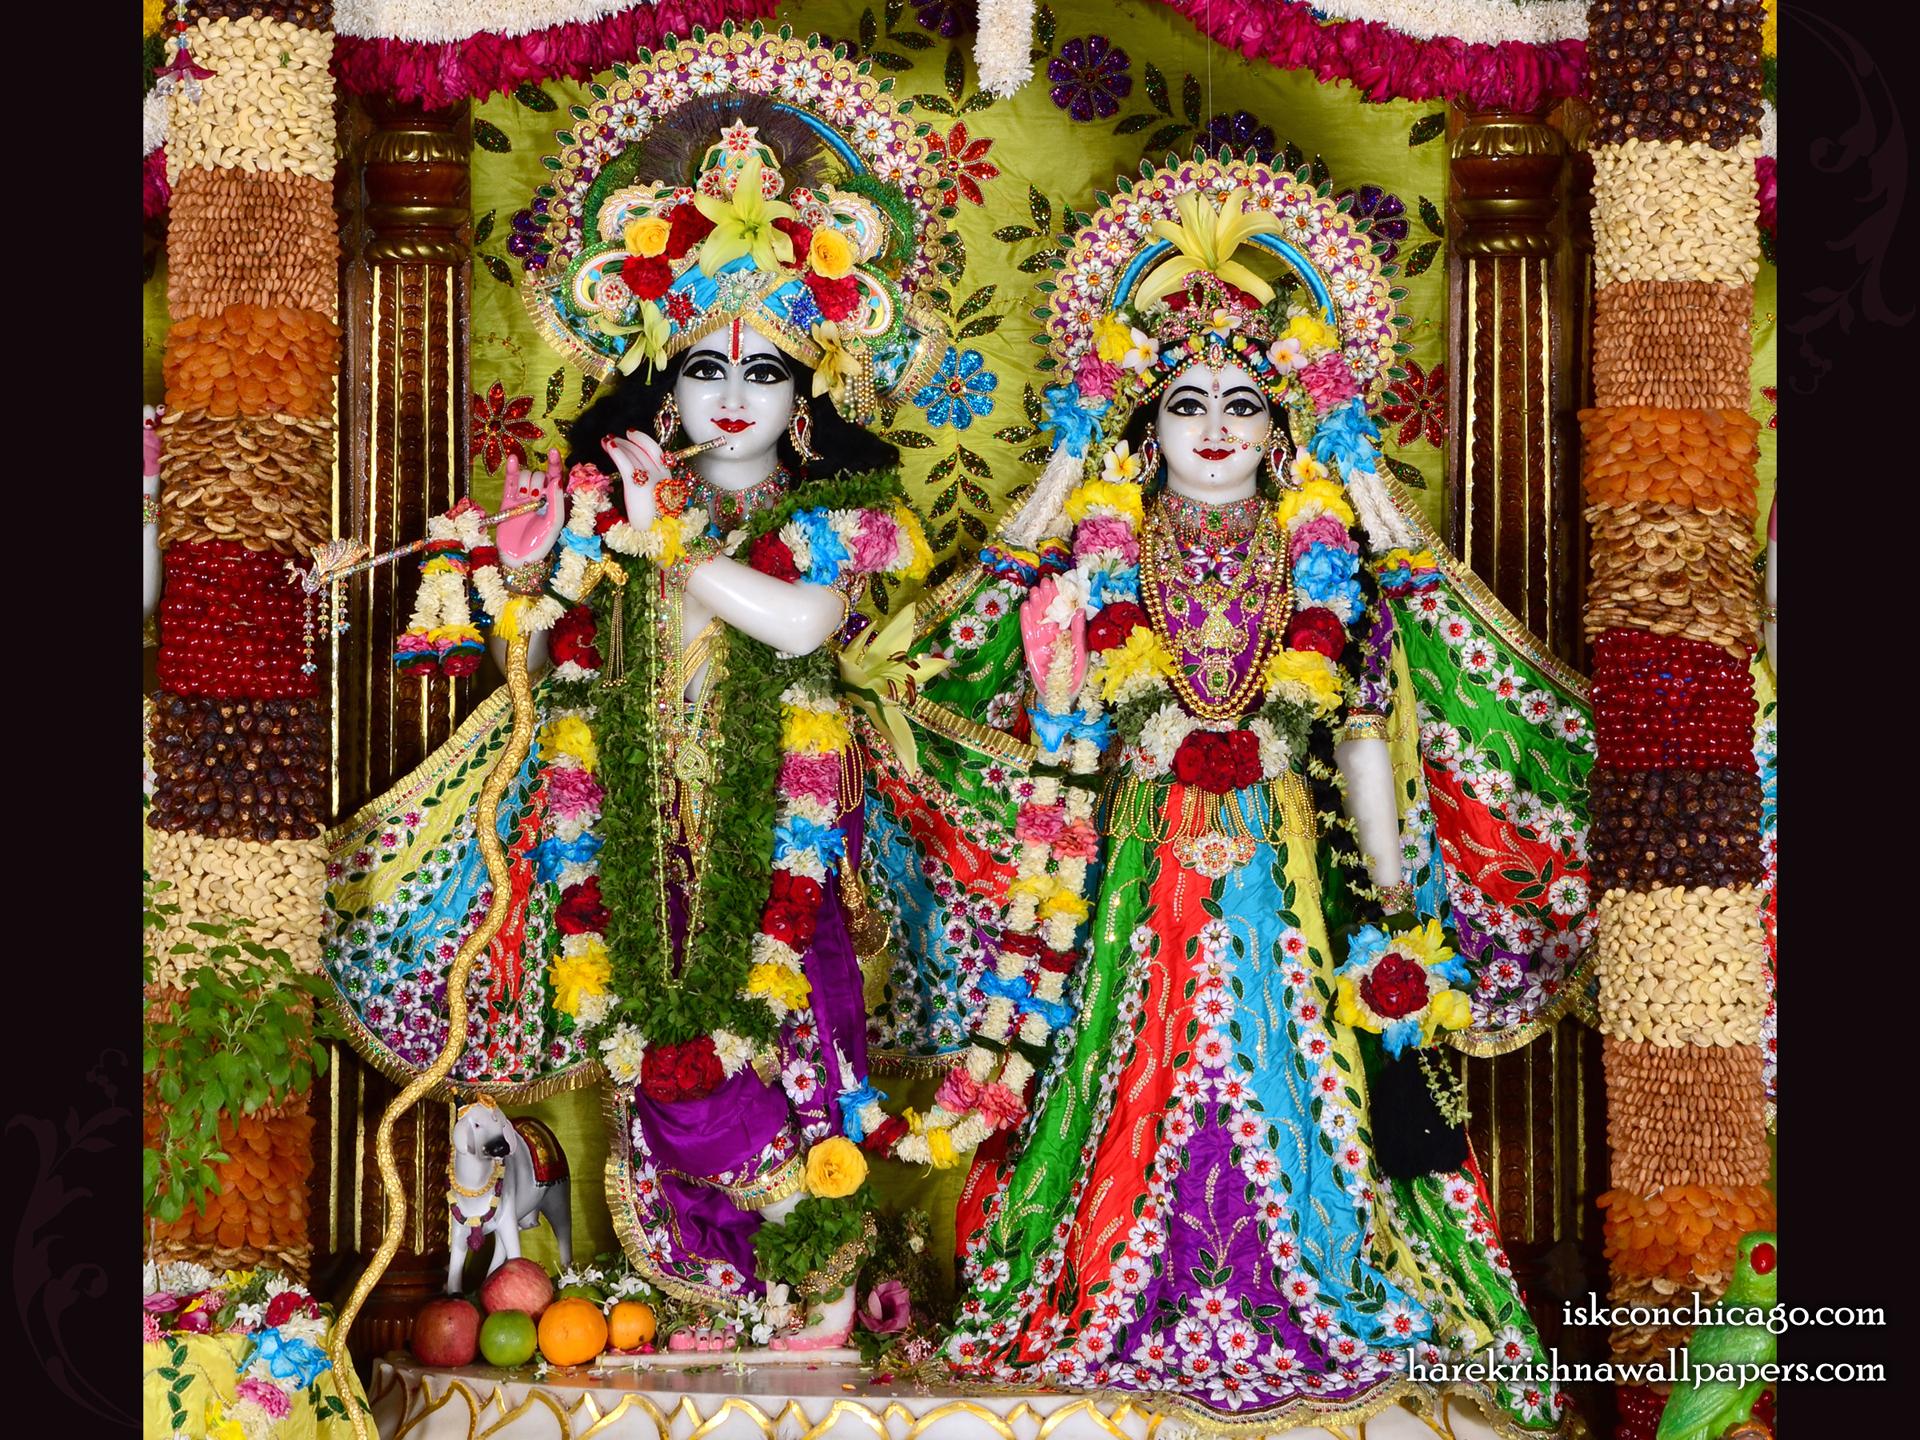 Sri Sri Radha Govinda Wallpaper (006) Size 1920x1440 Download